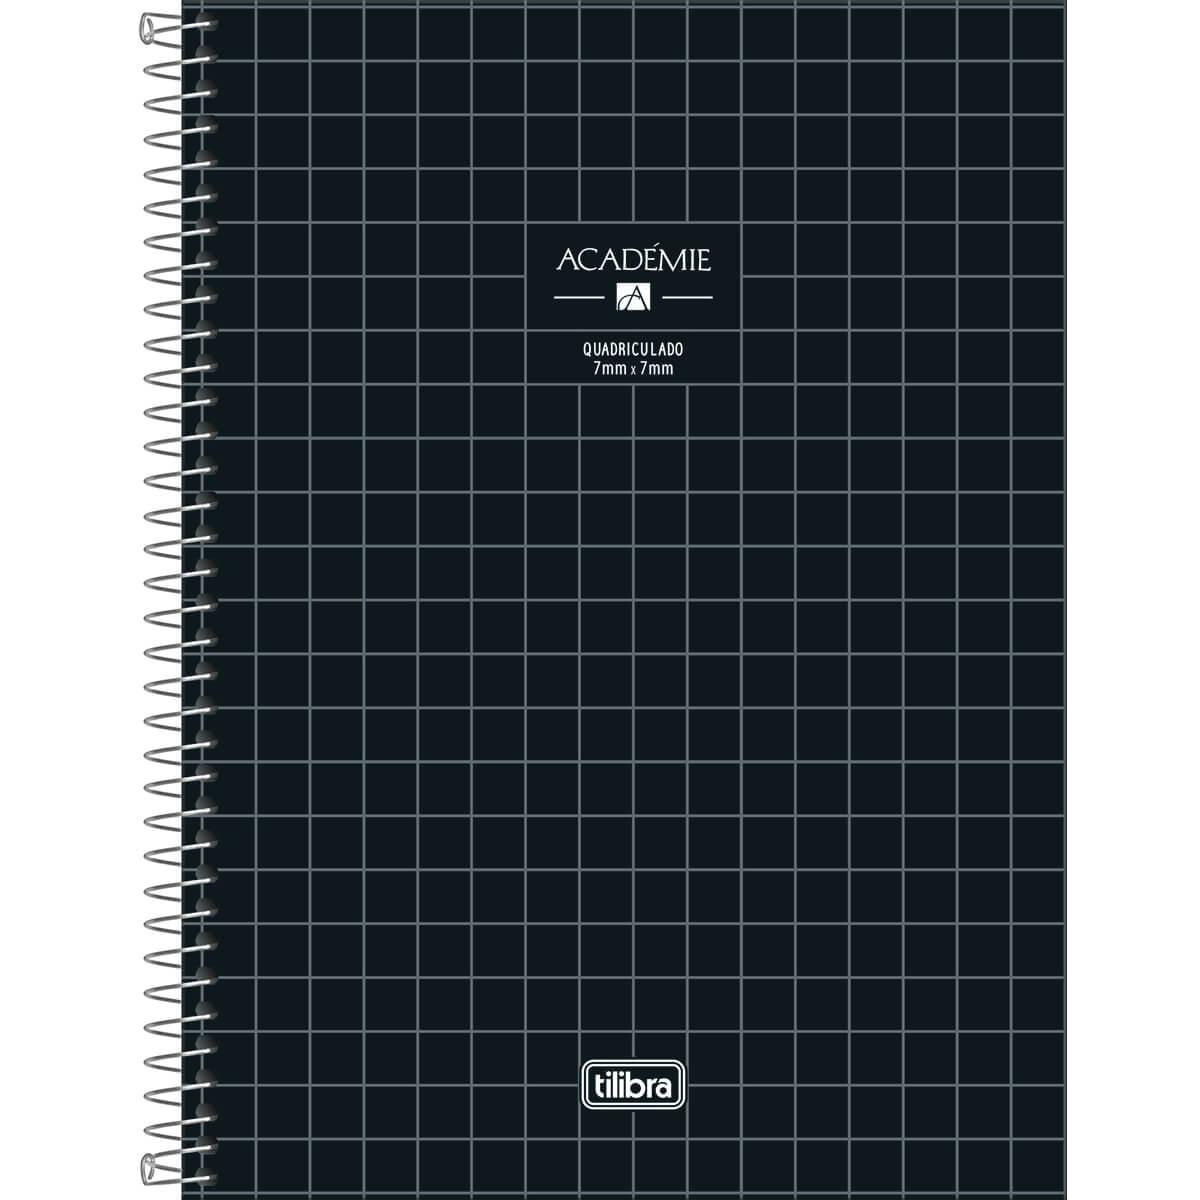 Caderno Espiral Capa Dura Universitário Quadriculado 7x7mm Académie 96 Fls - Tilibra